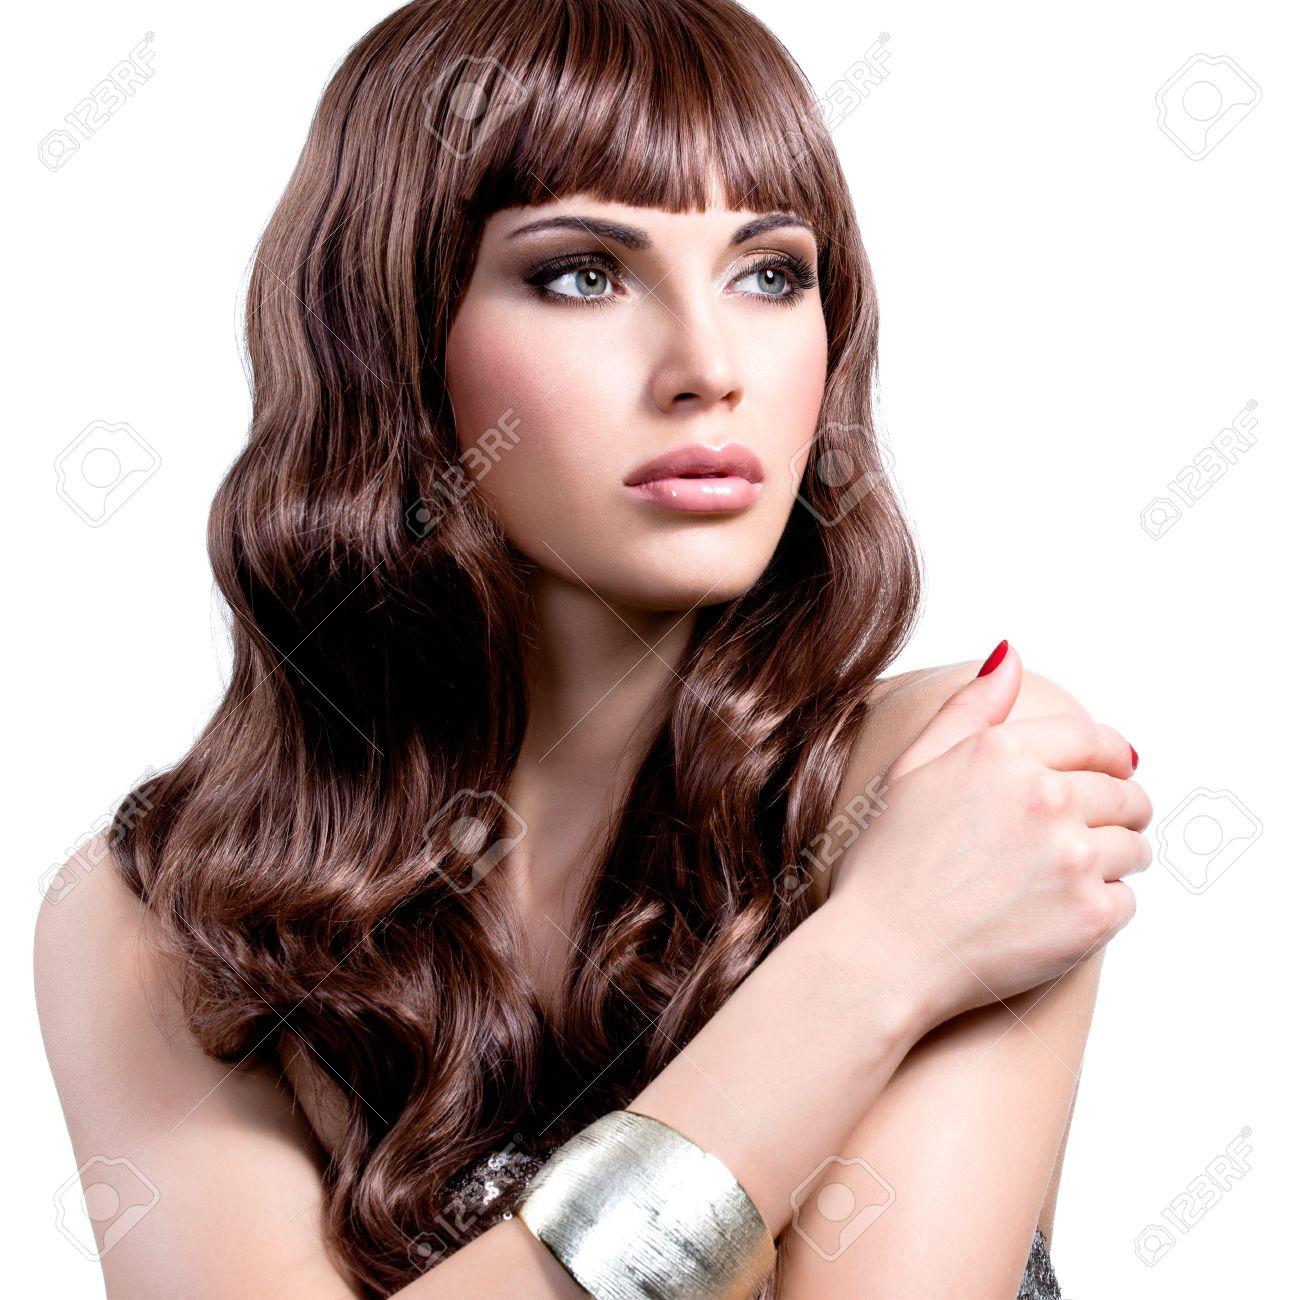 Portrat Einer Schonen Jungen Frau Mit Langen Braunen Haaren